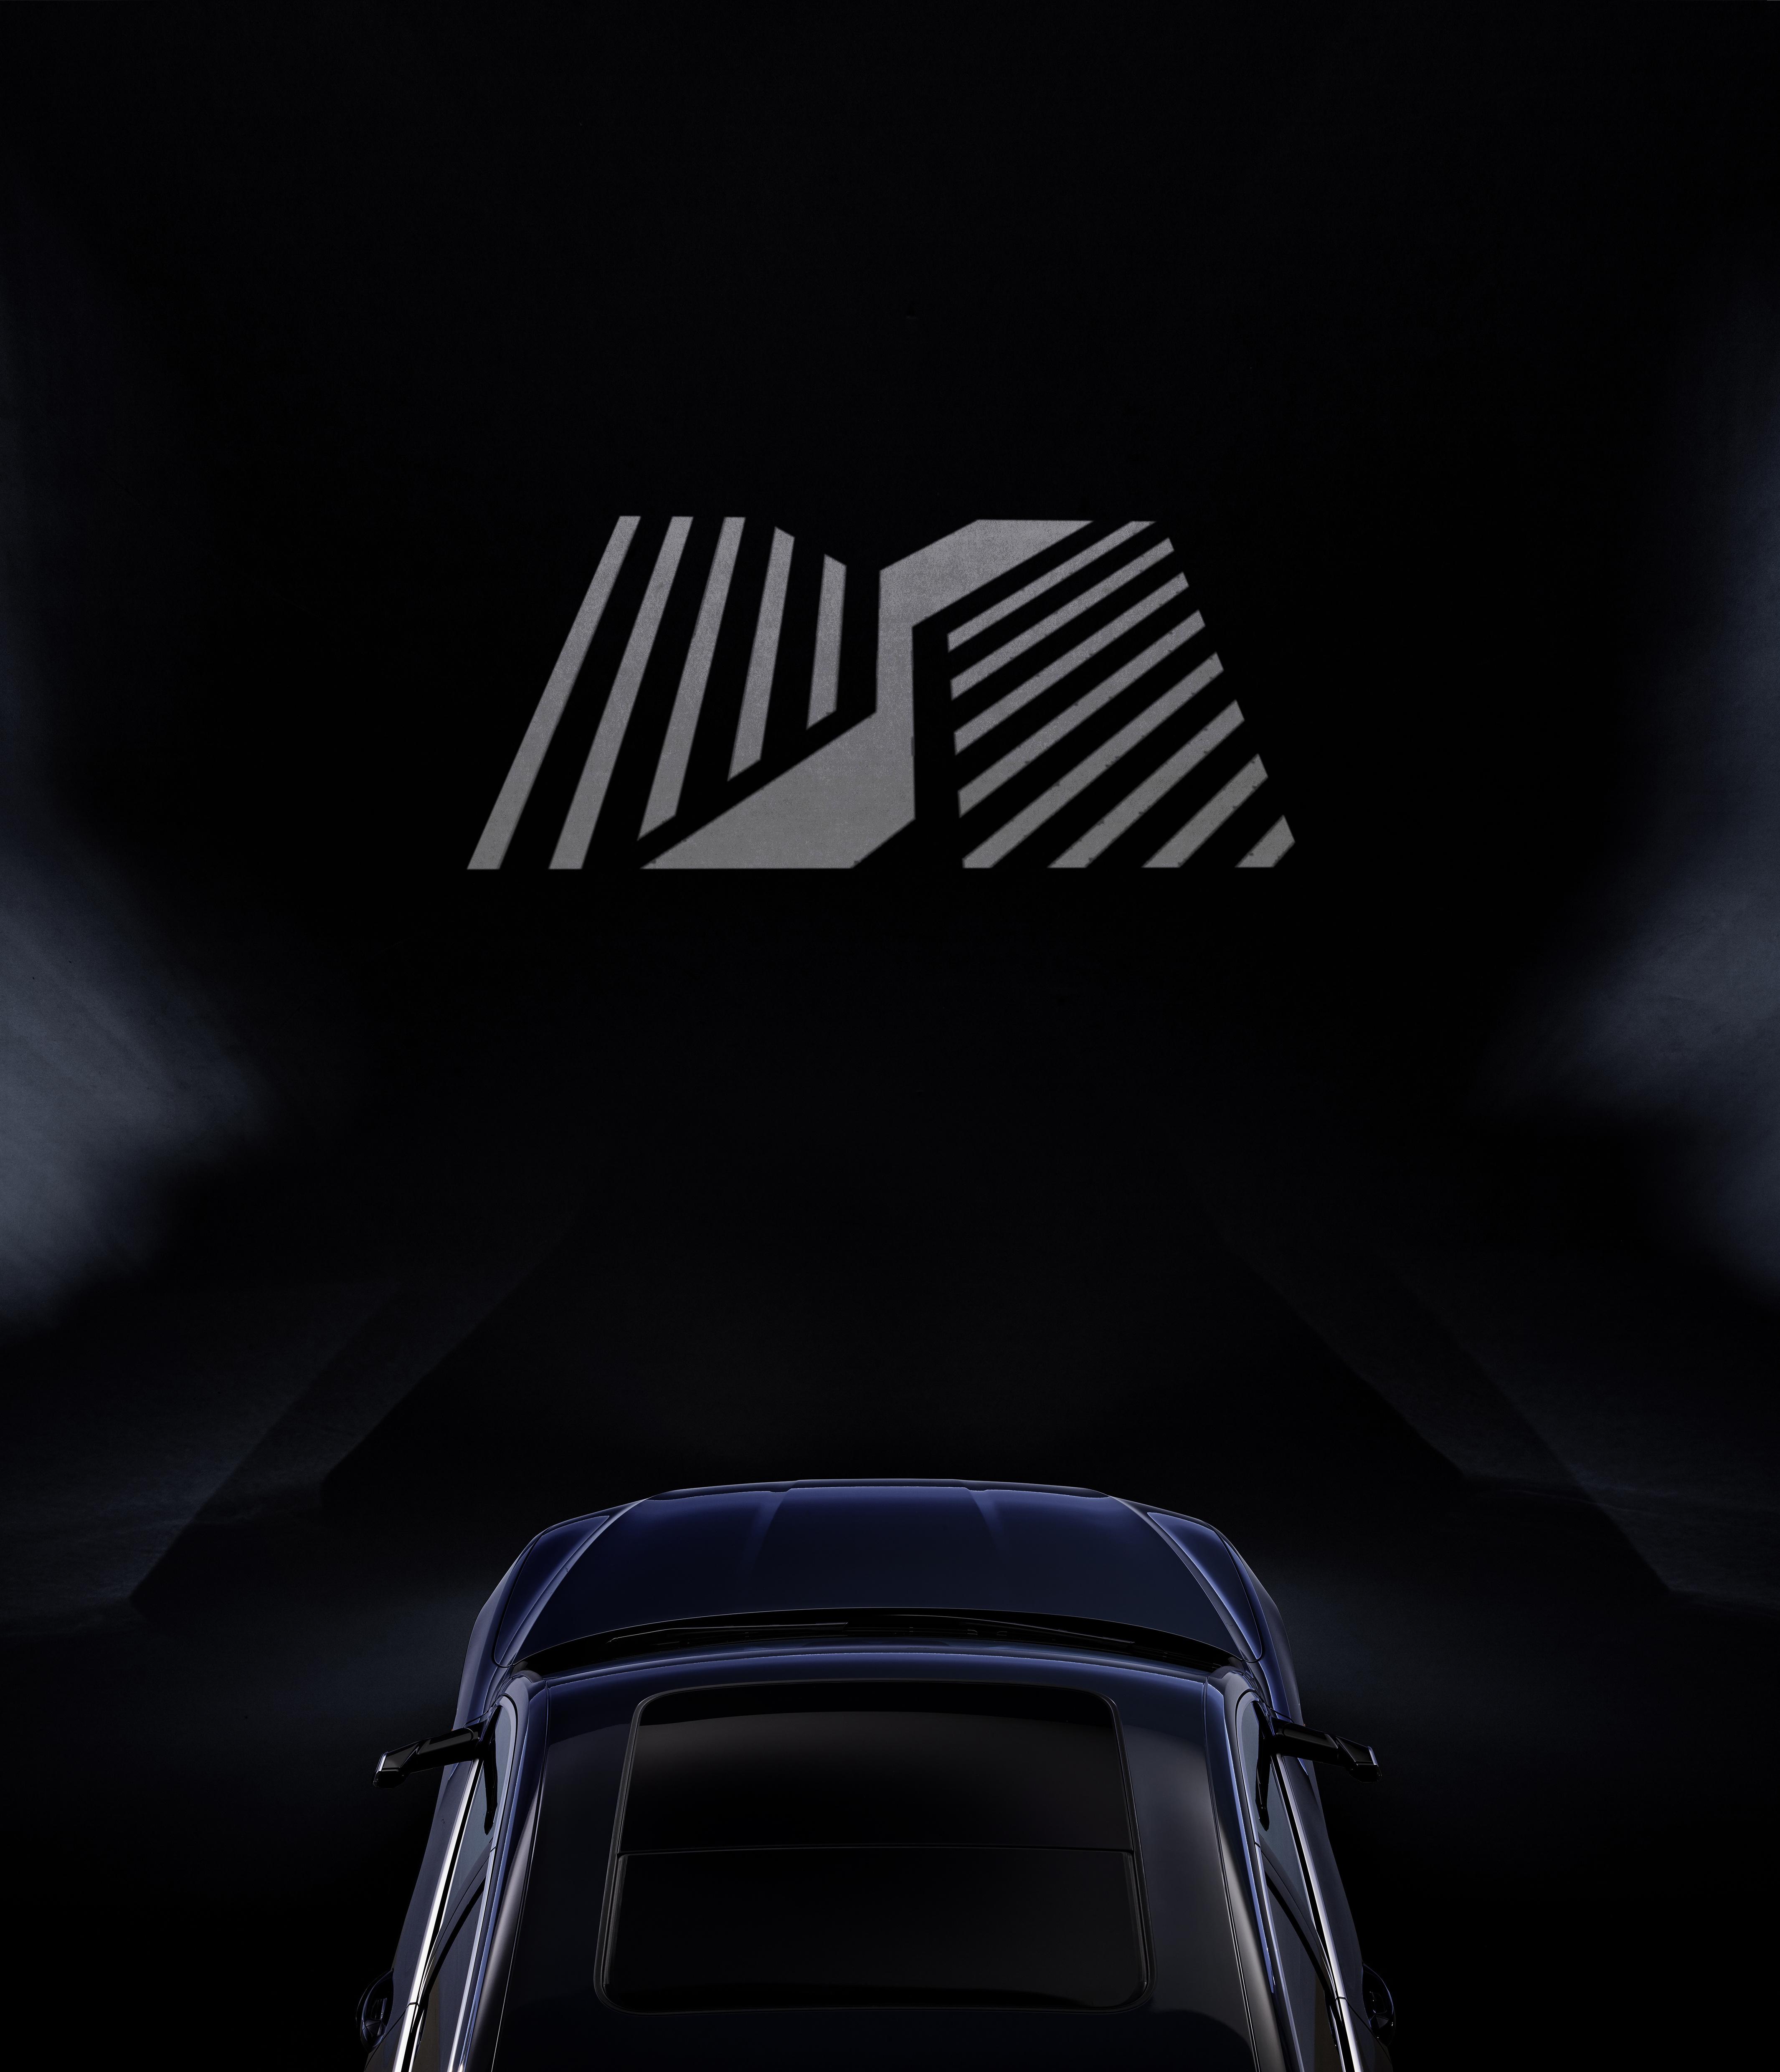 Les phares numériques de l'Audi e-tron Sportback peuvent commander l'éclairage au pixel près. (AUDI)